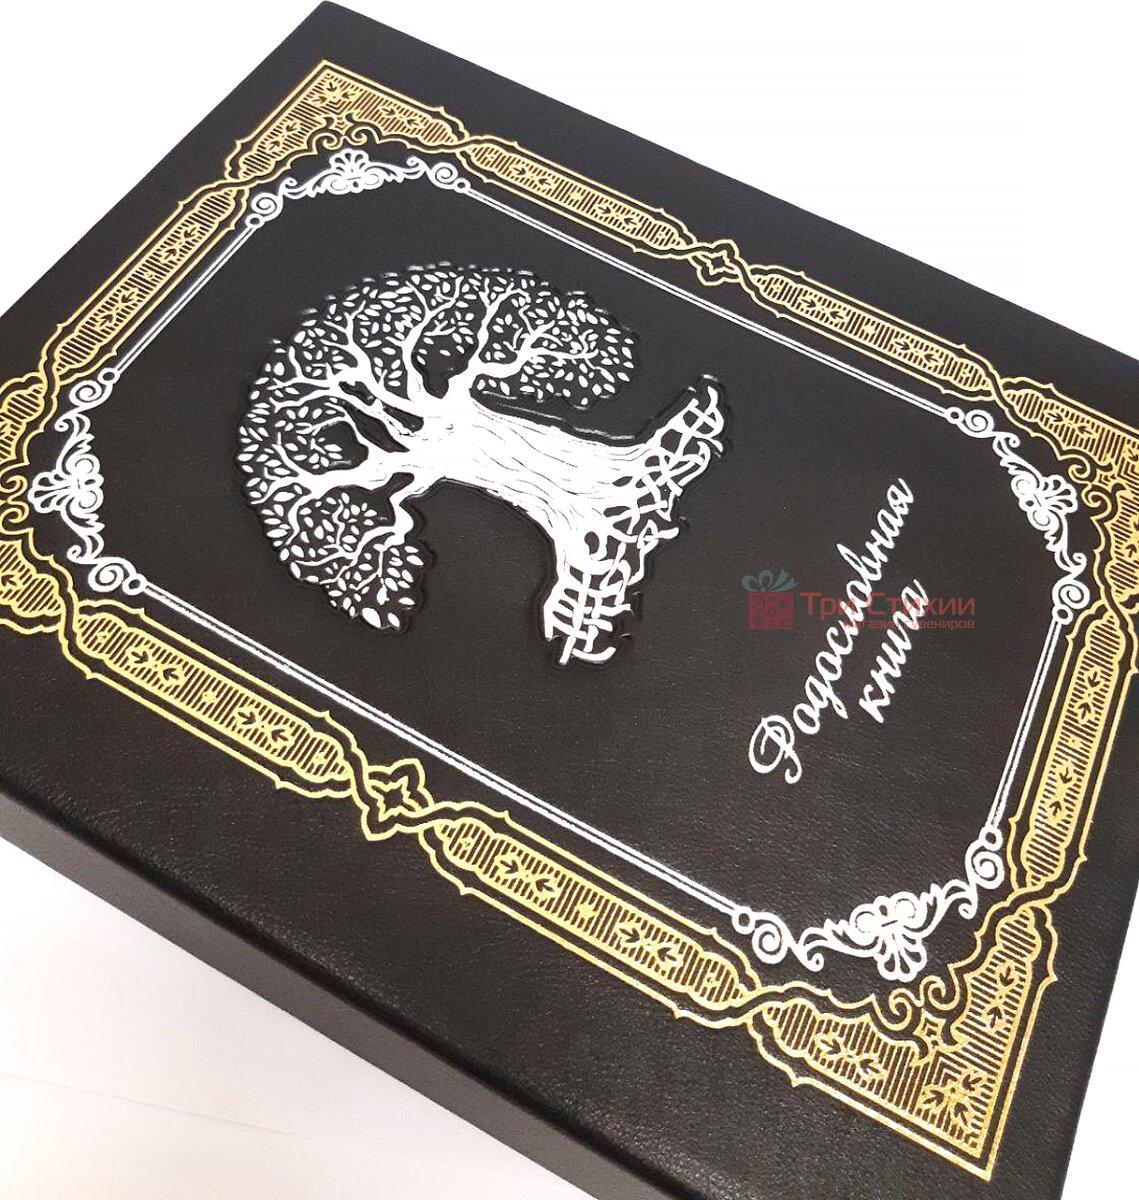 Родословная книга Макей кожаная (620-07-09 Ч) Черная, фото 2